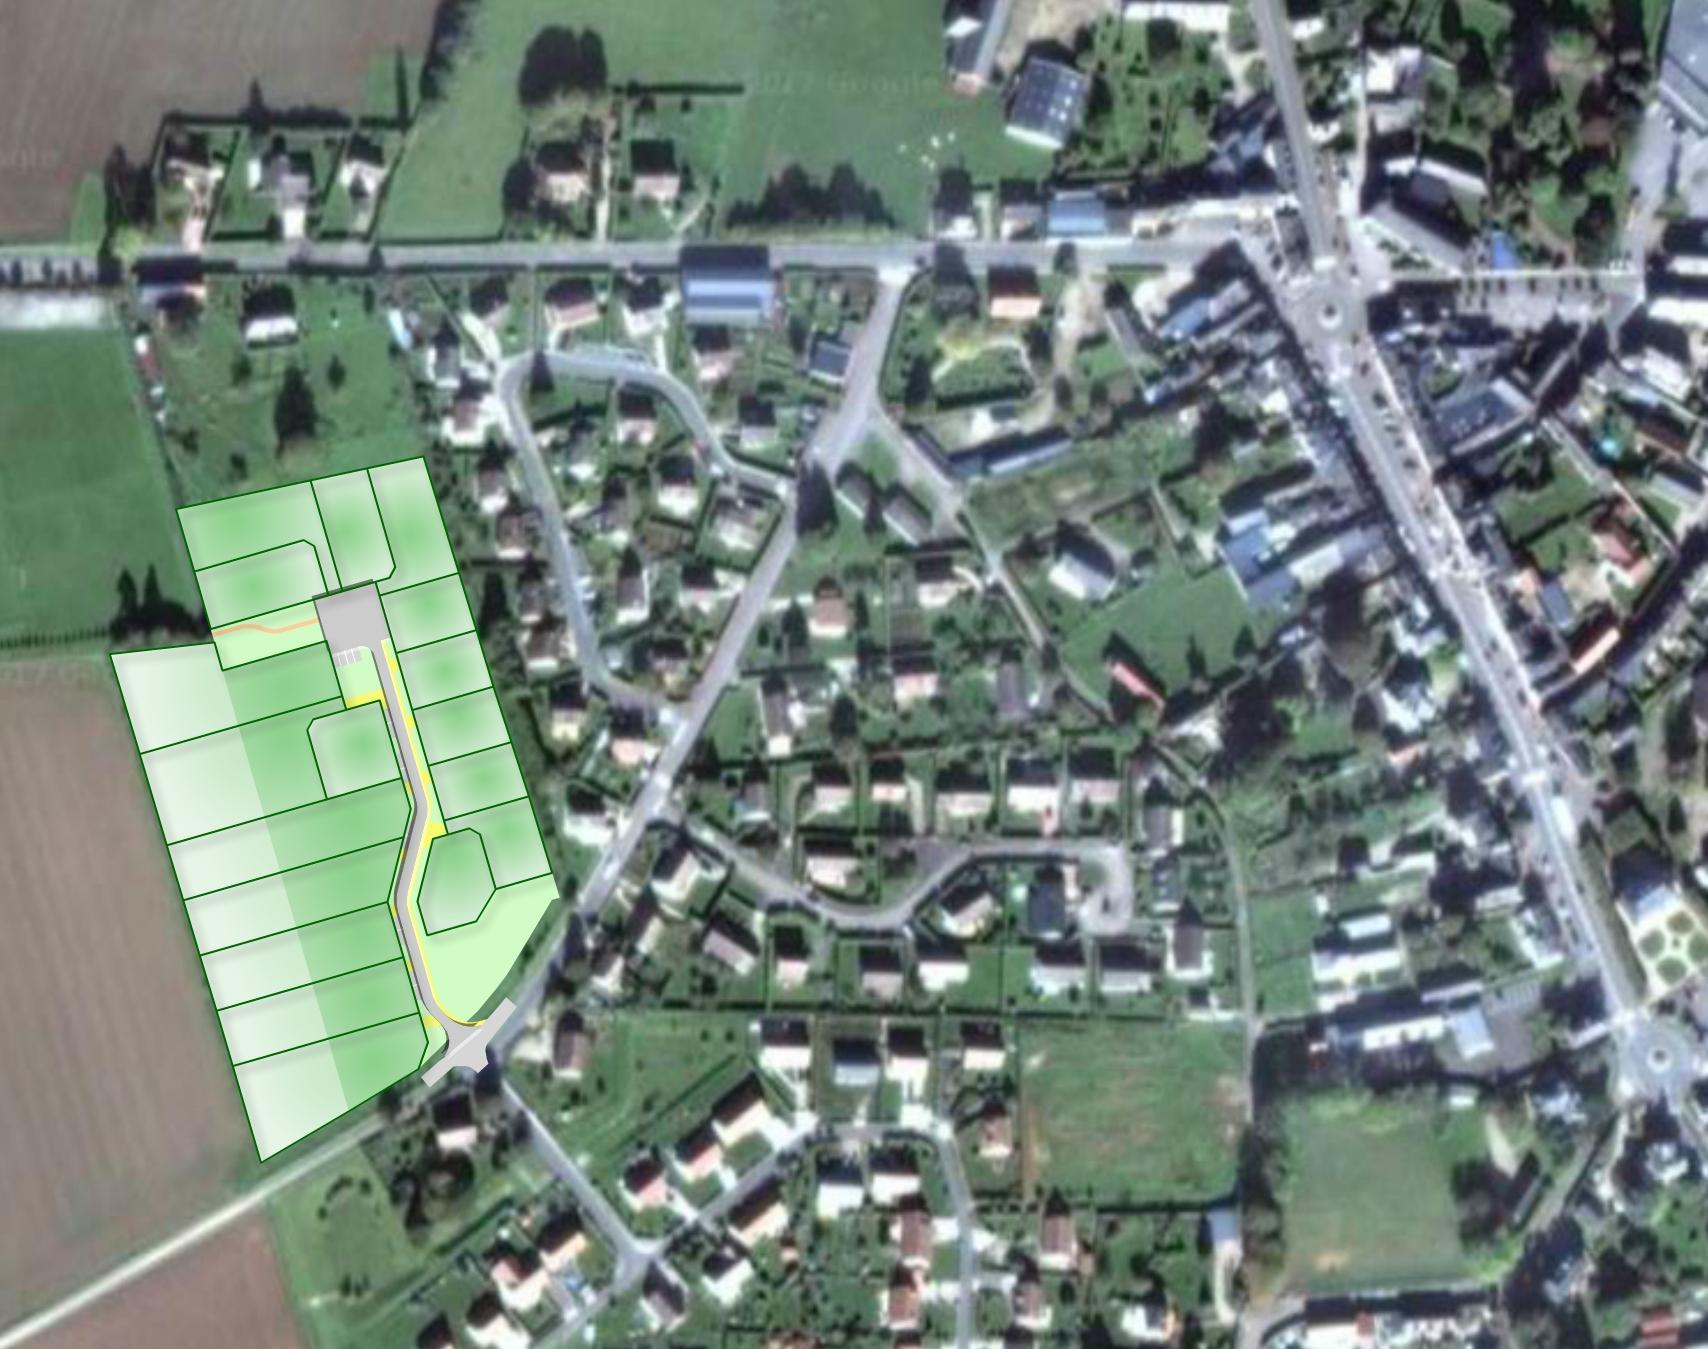 Terrain à vendre à Bosc-le-Hard - BOSC LE HARD - Route de Crécieusemare